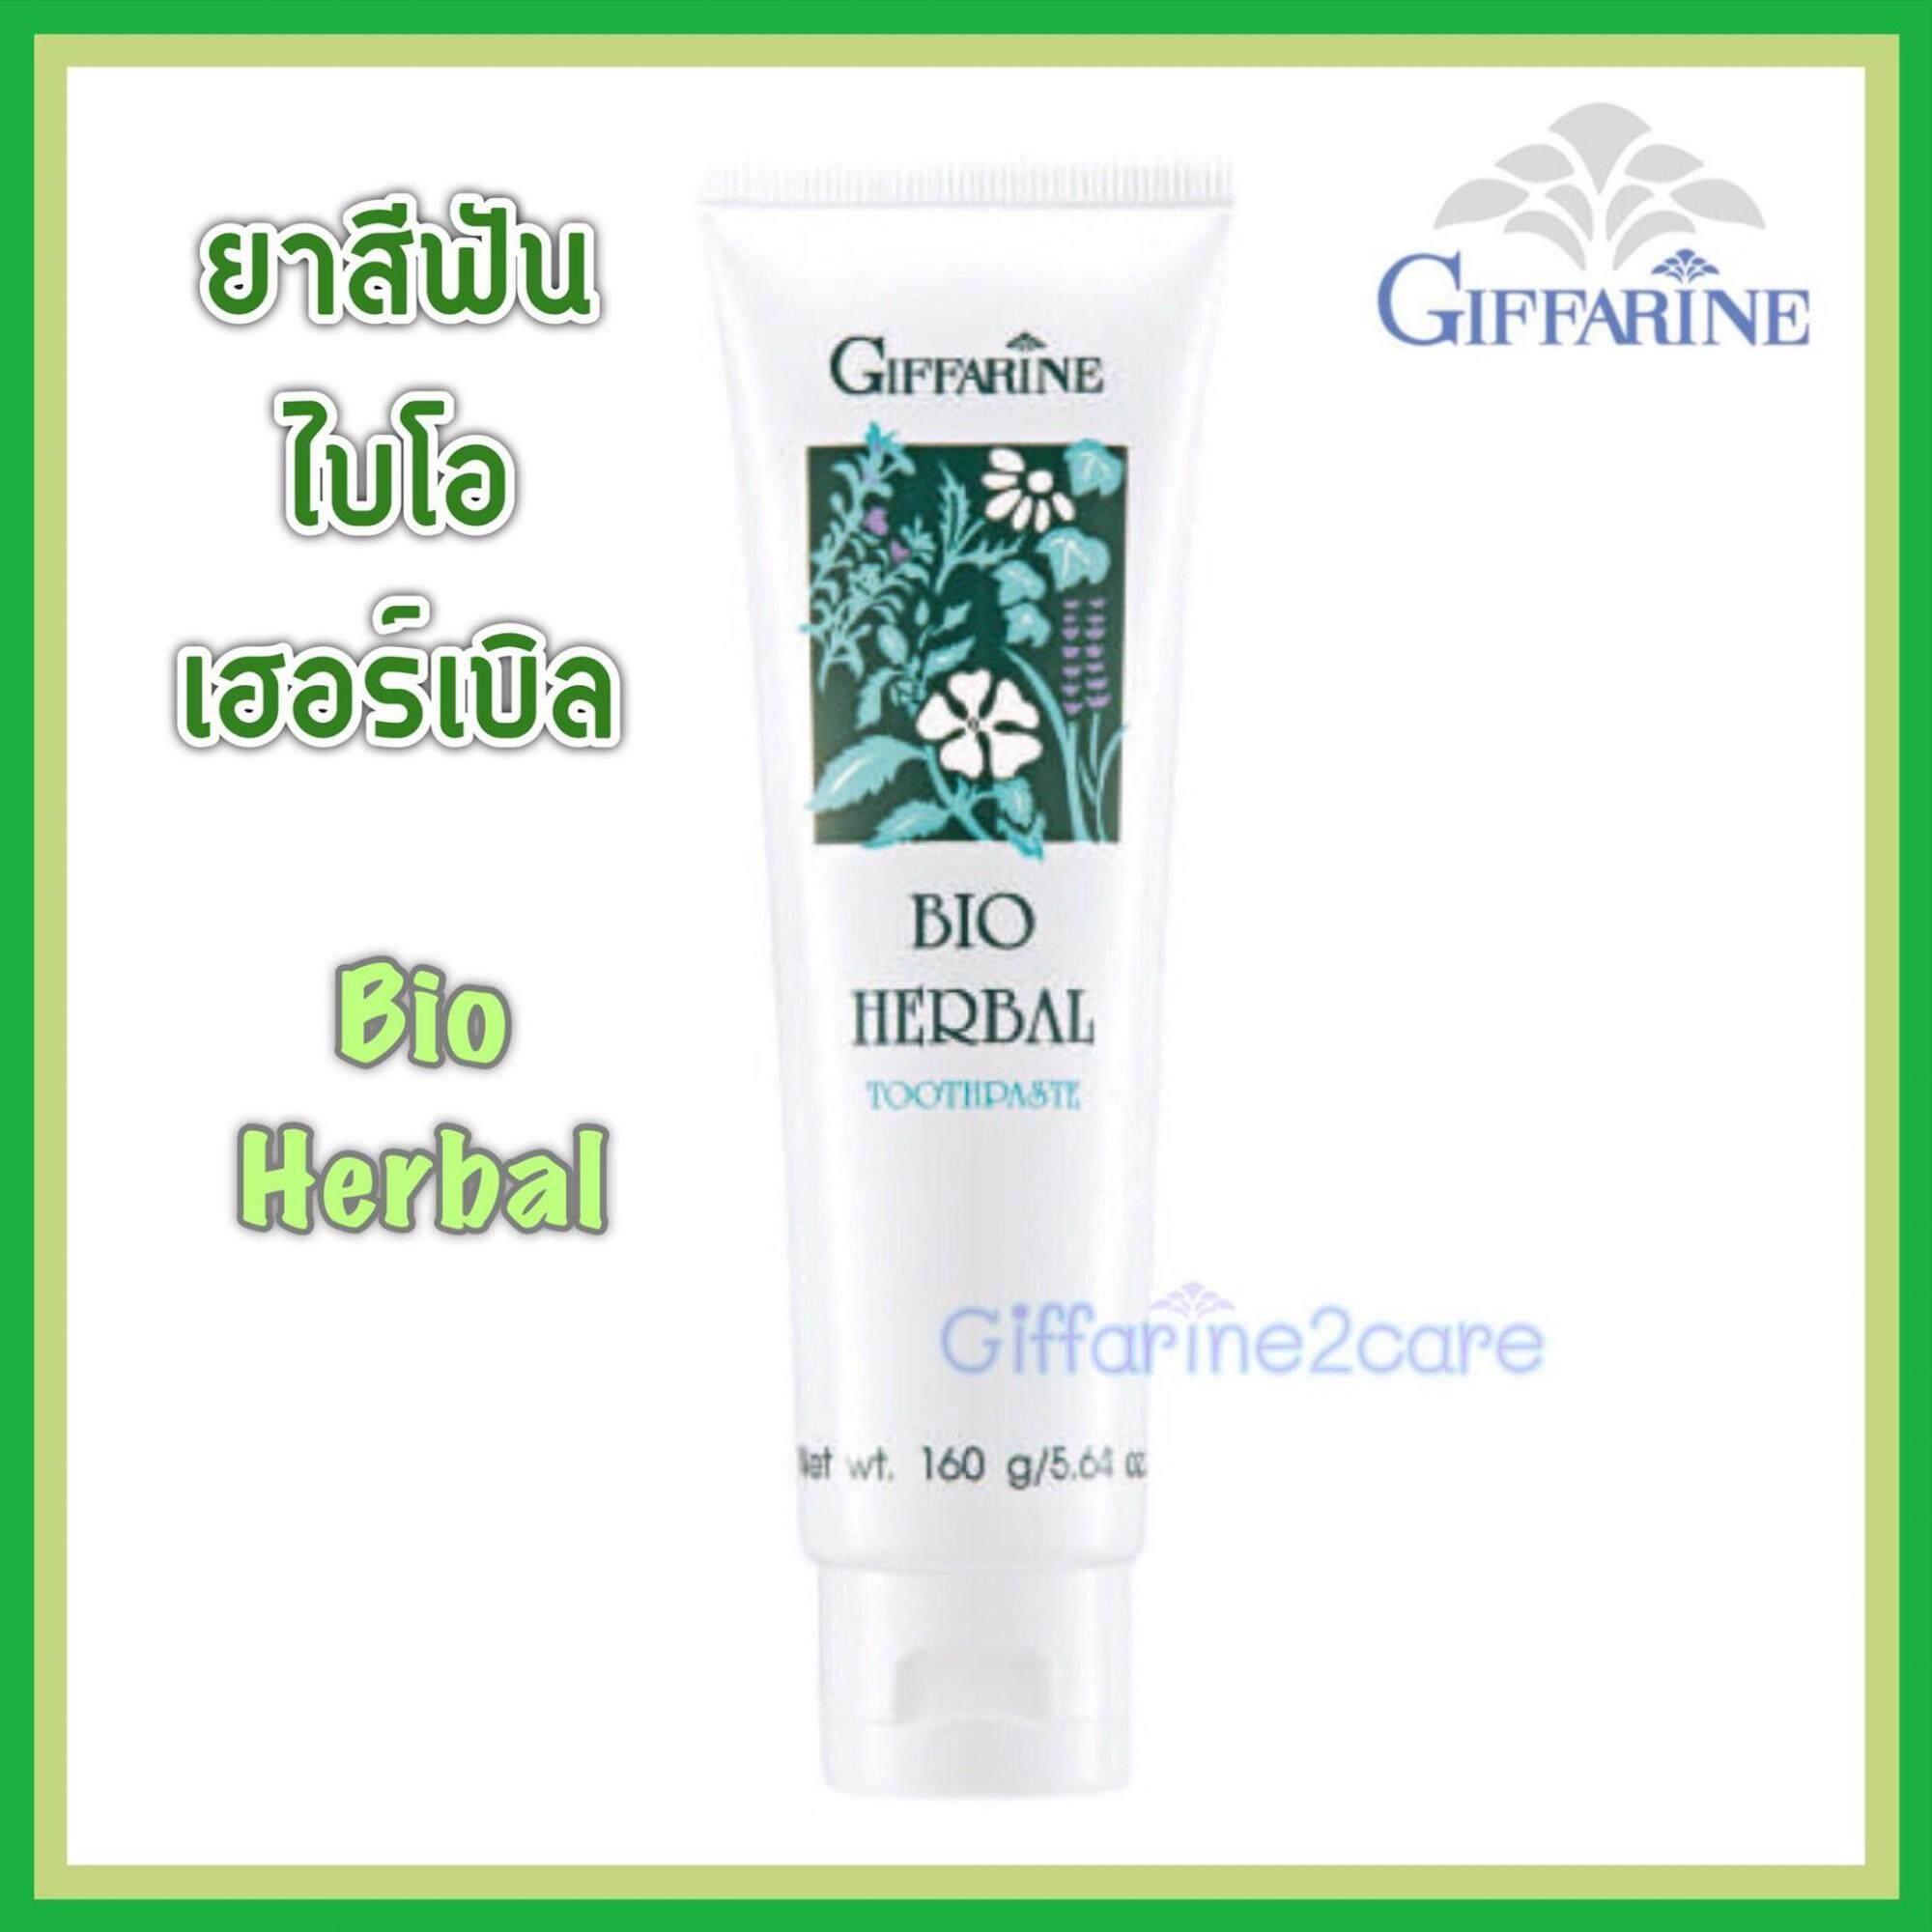 Giffarine Bio Herbal Toothpaste ยาสีฟัน กิฟฟารีน สูตรสมุนไพร รุ่นฮิตที่สุด สูตรดั้งเดิม